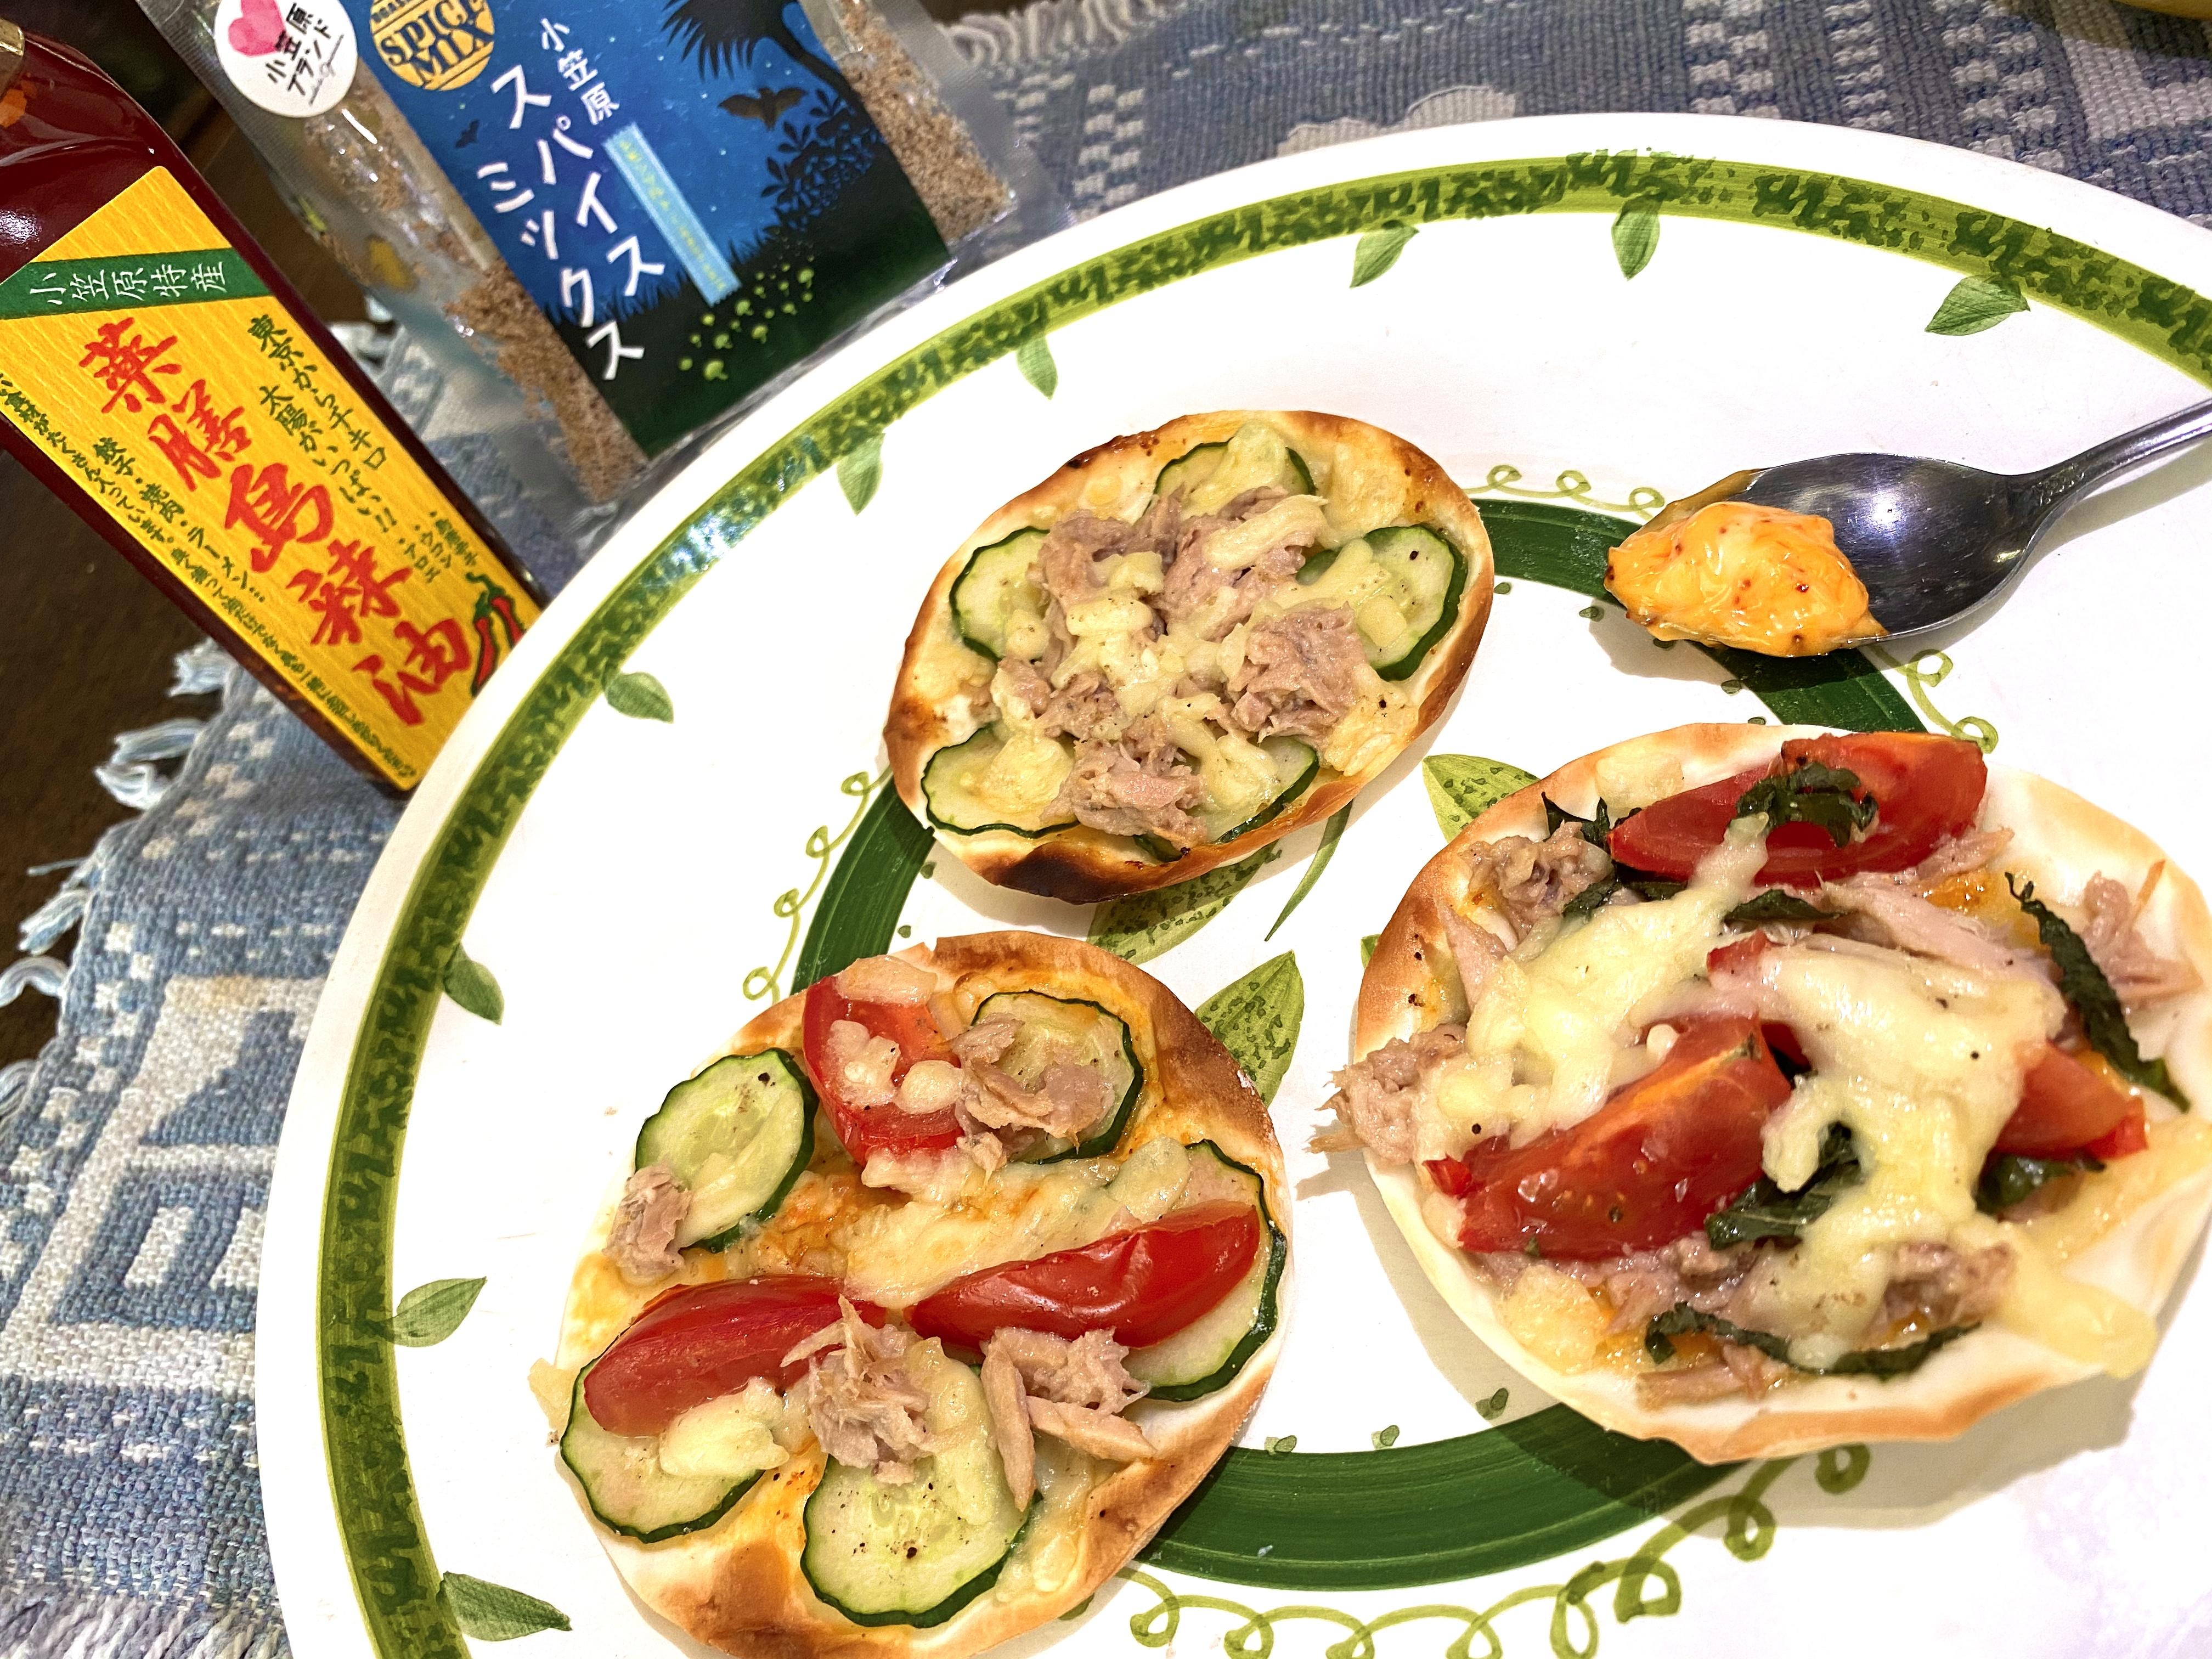 島辣油&島トマトピザ